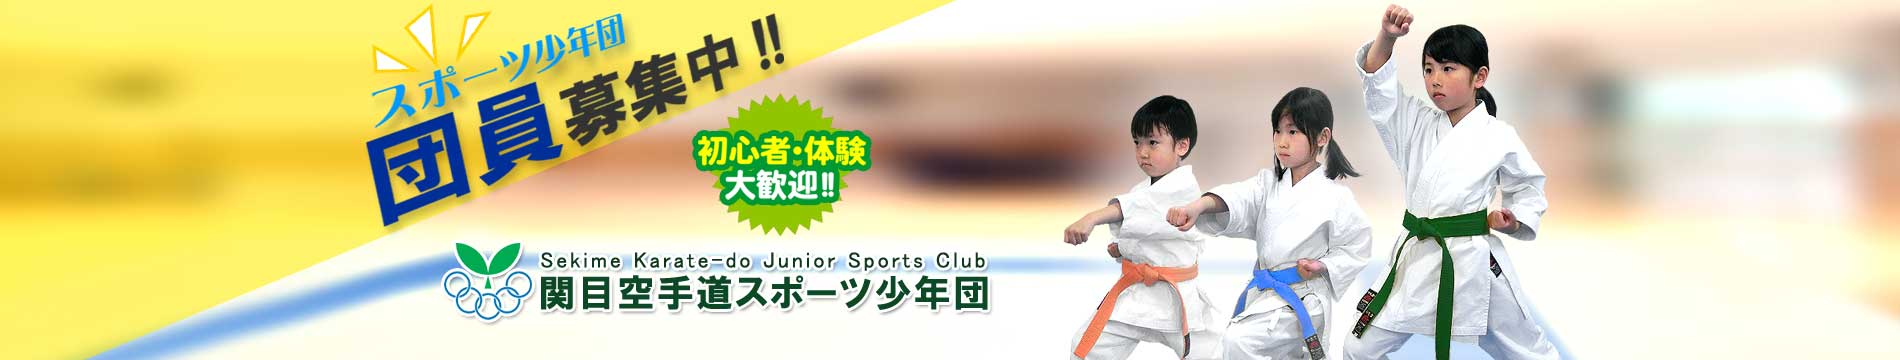 スポーツ少年団 関目空手道